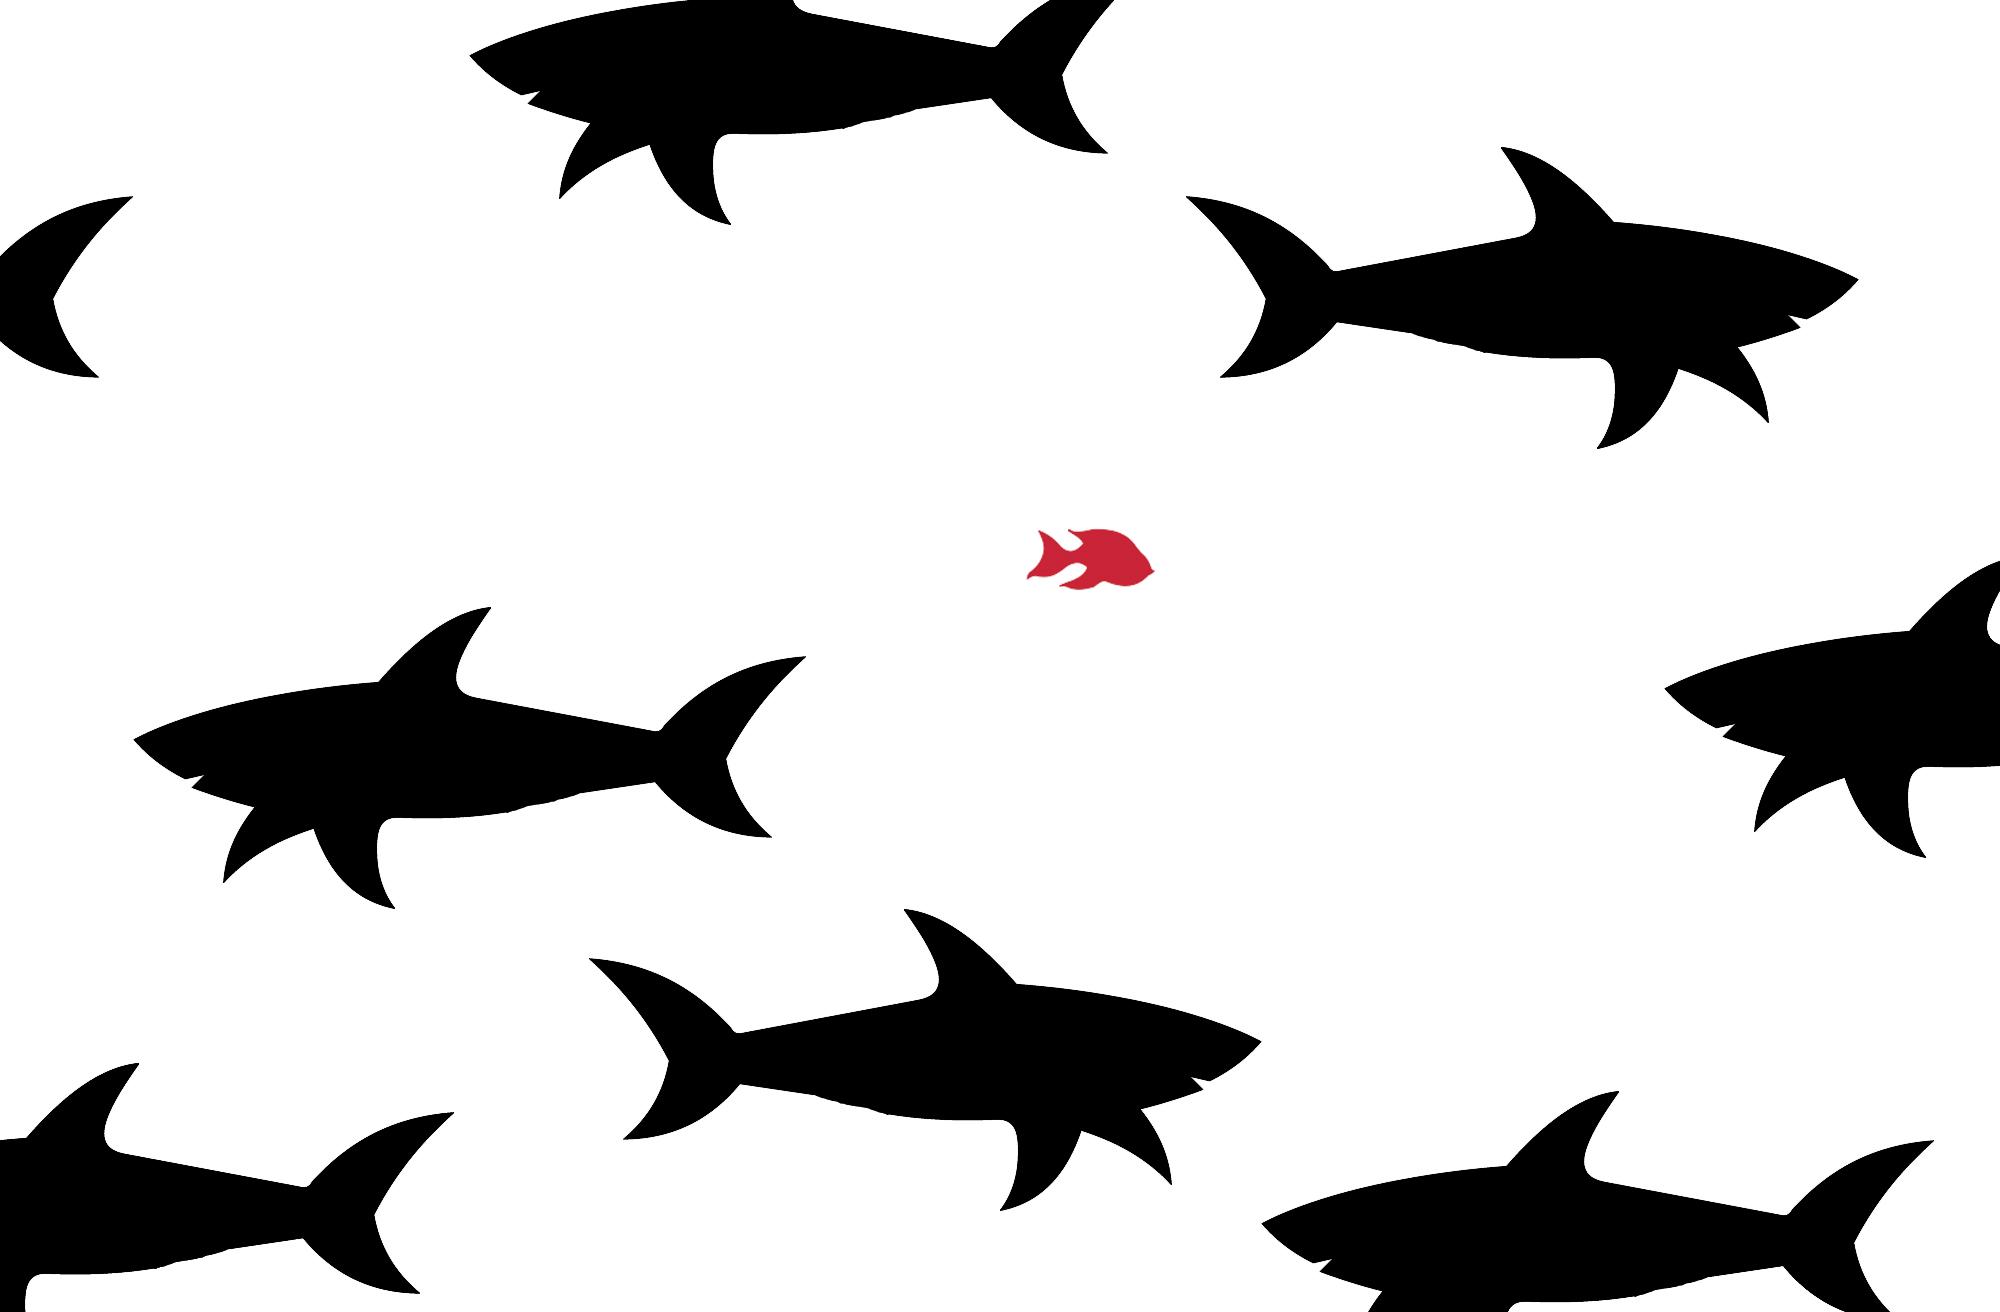 דגה קטנה בים של כרישים: מדוע לעסק קטן יש יתרון משמעותי ביצירת תוכן?